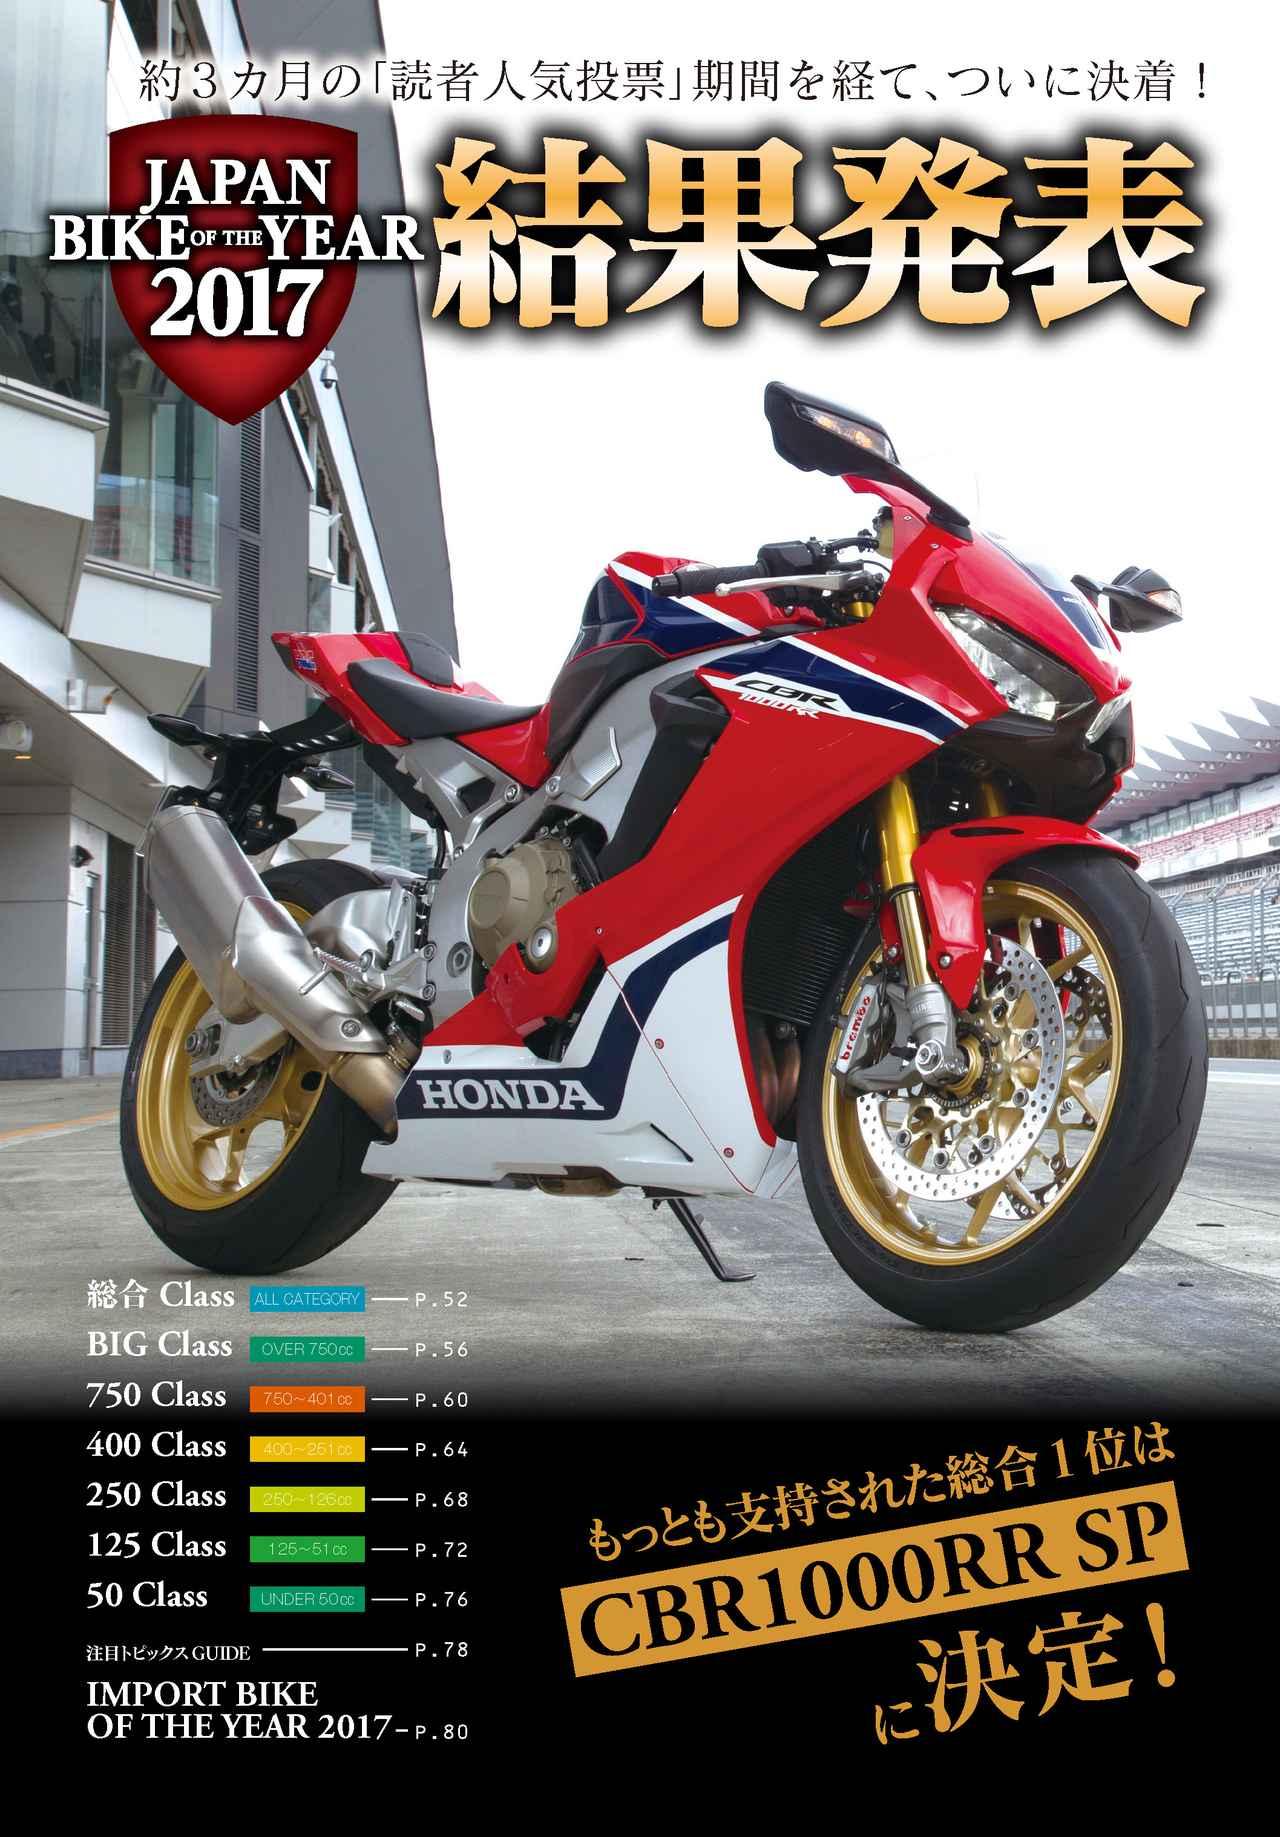 画像3: 別冊付録は現行モデル網羅の「オール国産車名鑑2017-2018」!